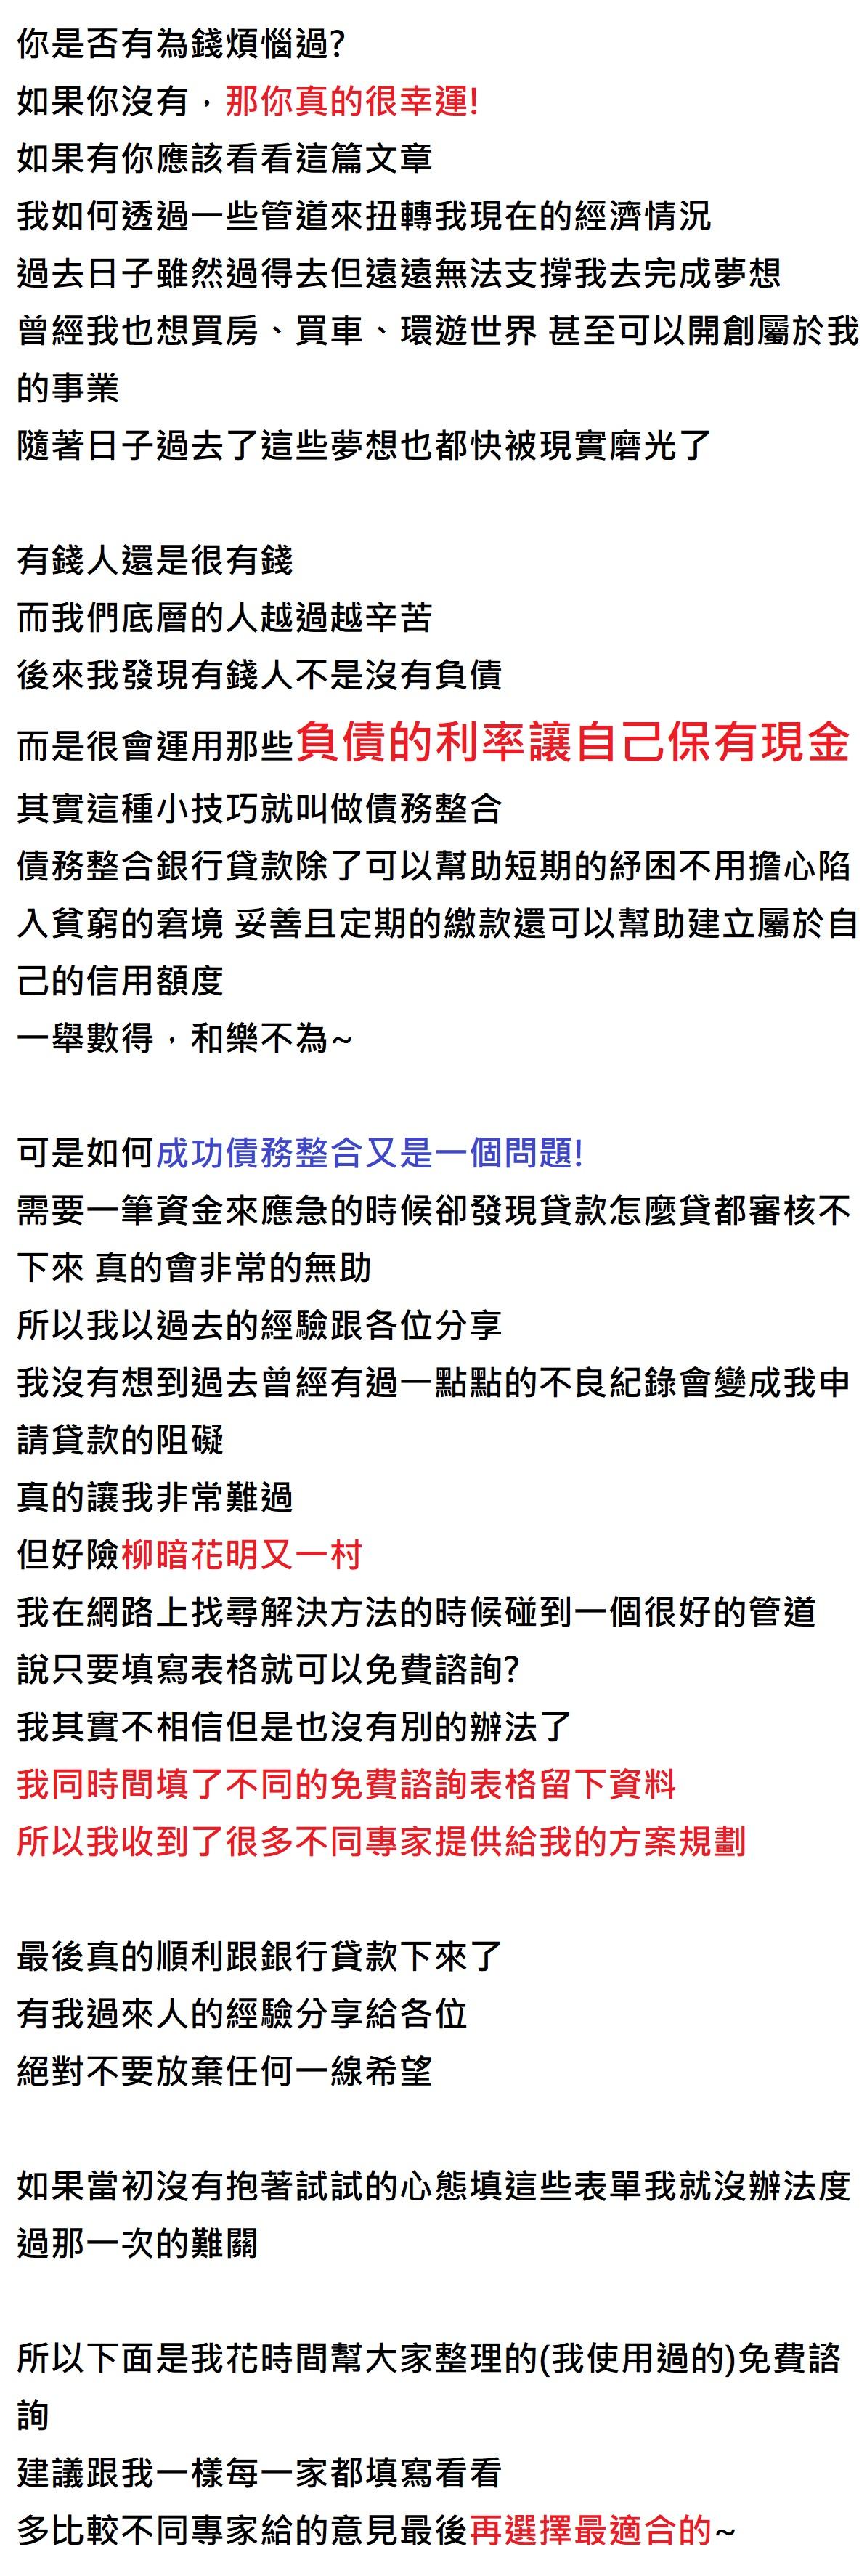 中國信託信貸審核 中國信託信貸最高額度是多少呢?專家教您快速申辦~ - 轉寄 - PChome 個人新聞臺